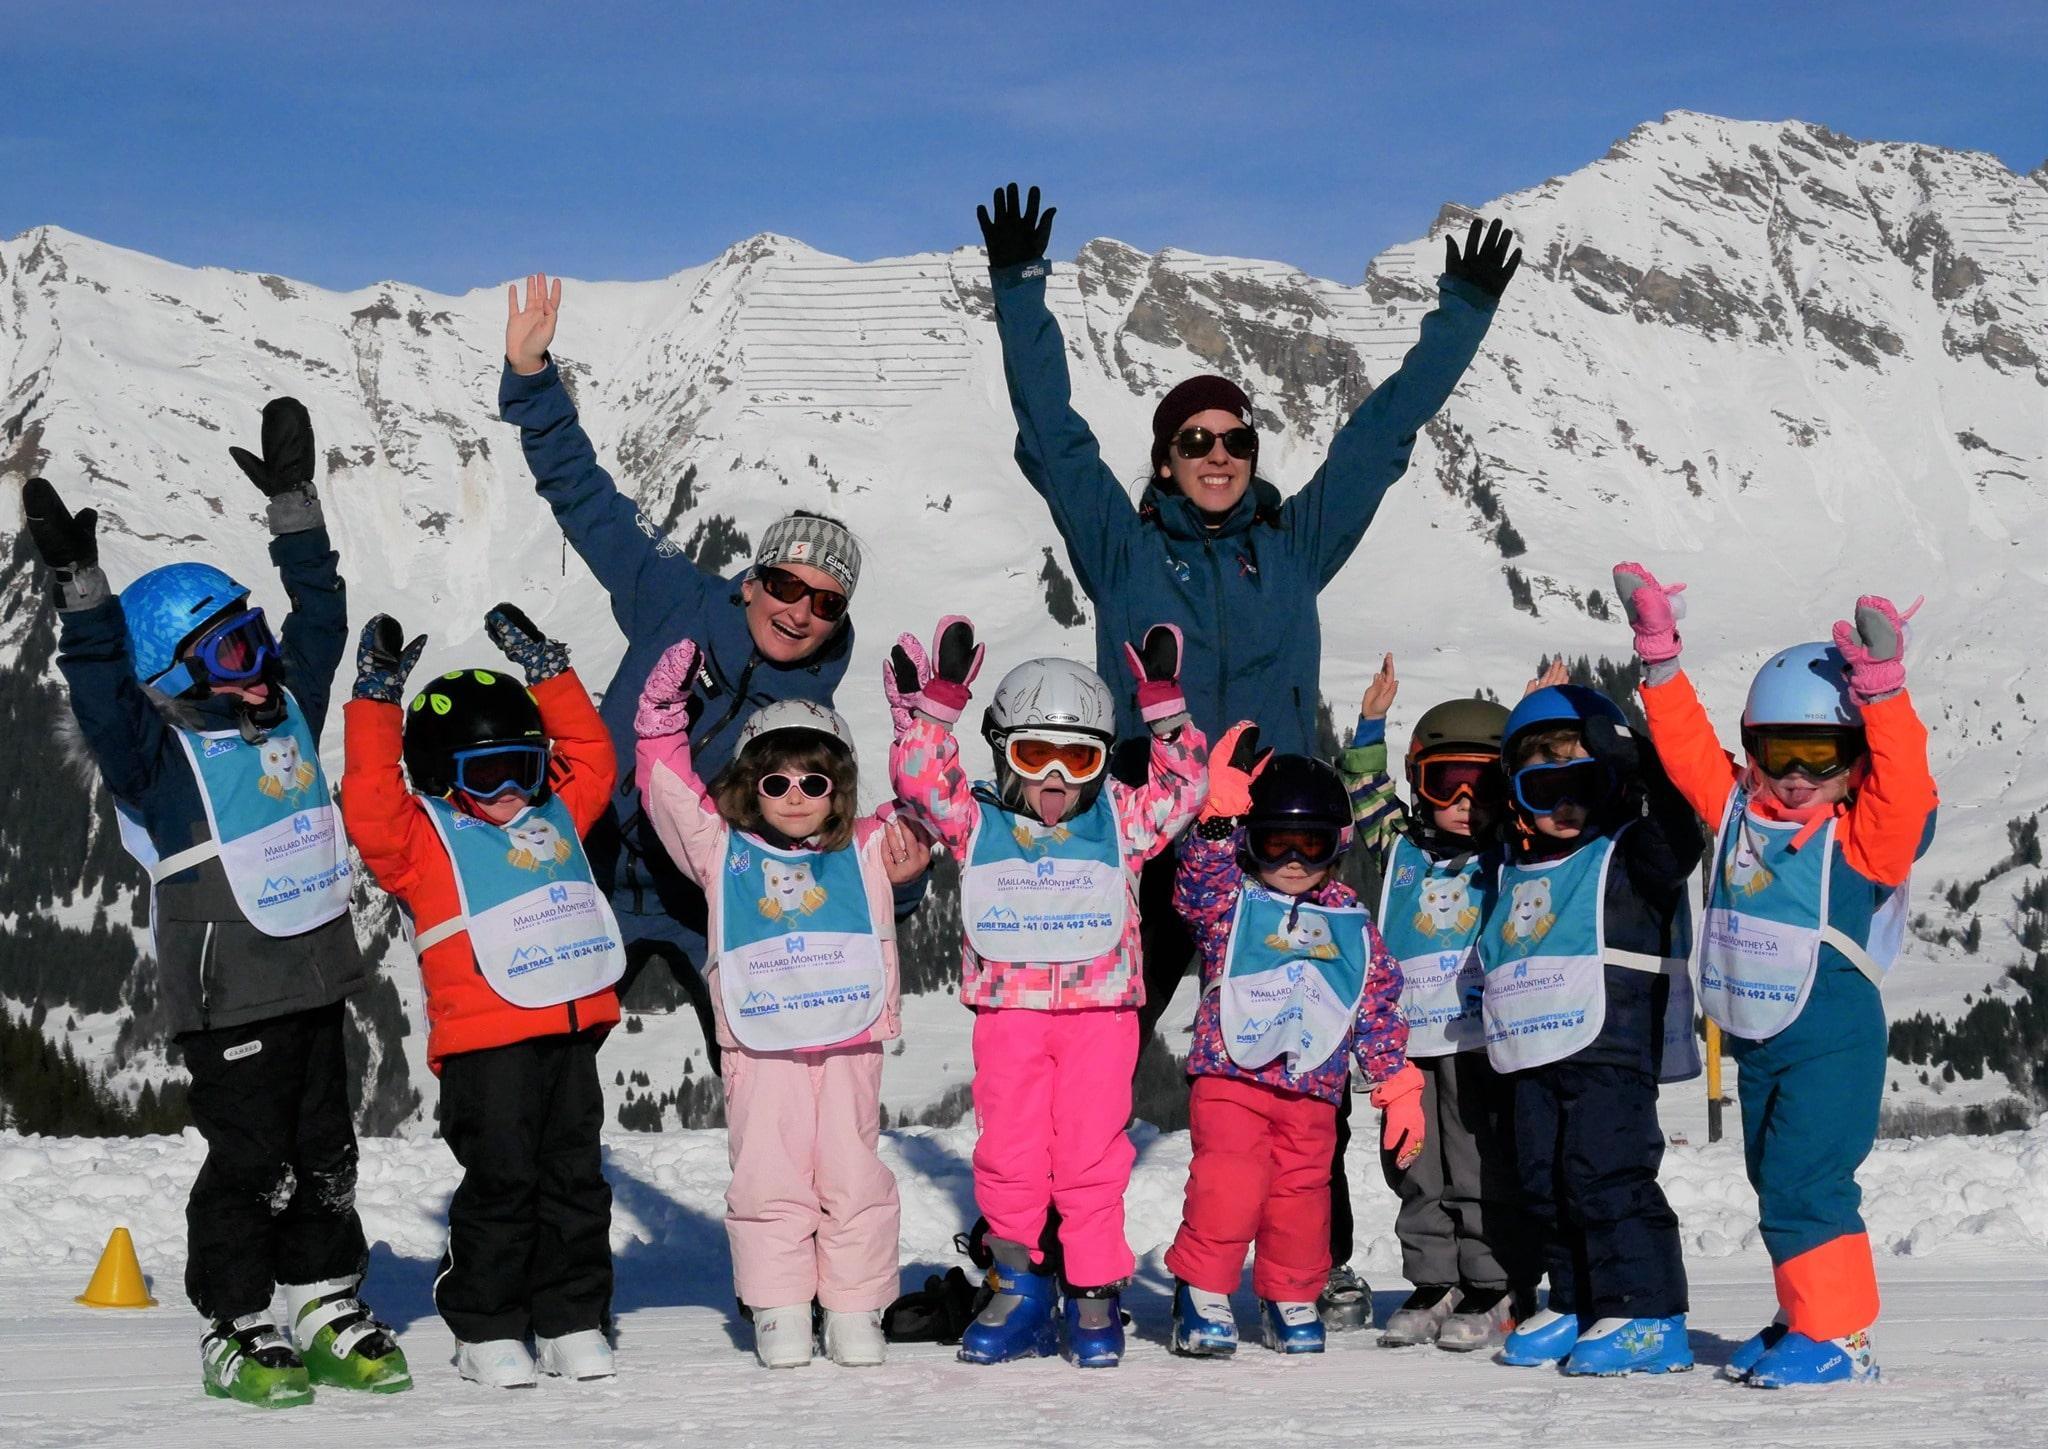 Cours de ski pour Enfants (5-16 ans) - Tous niveaux